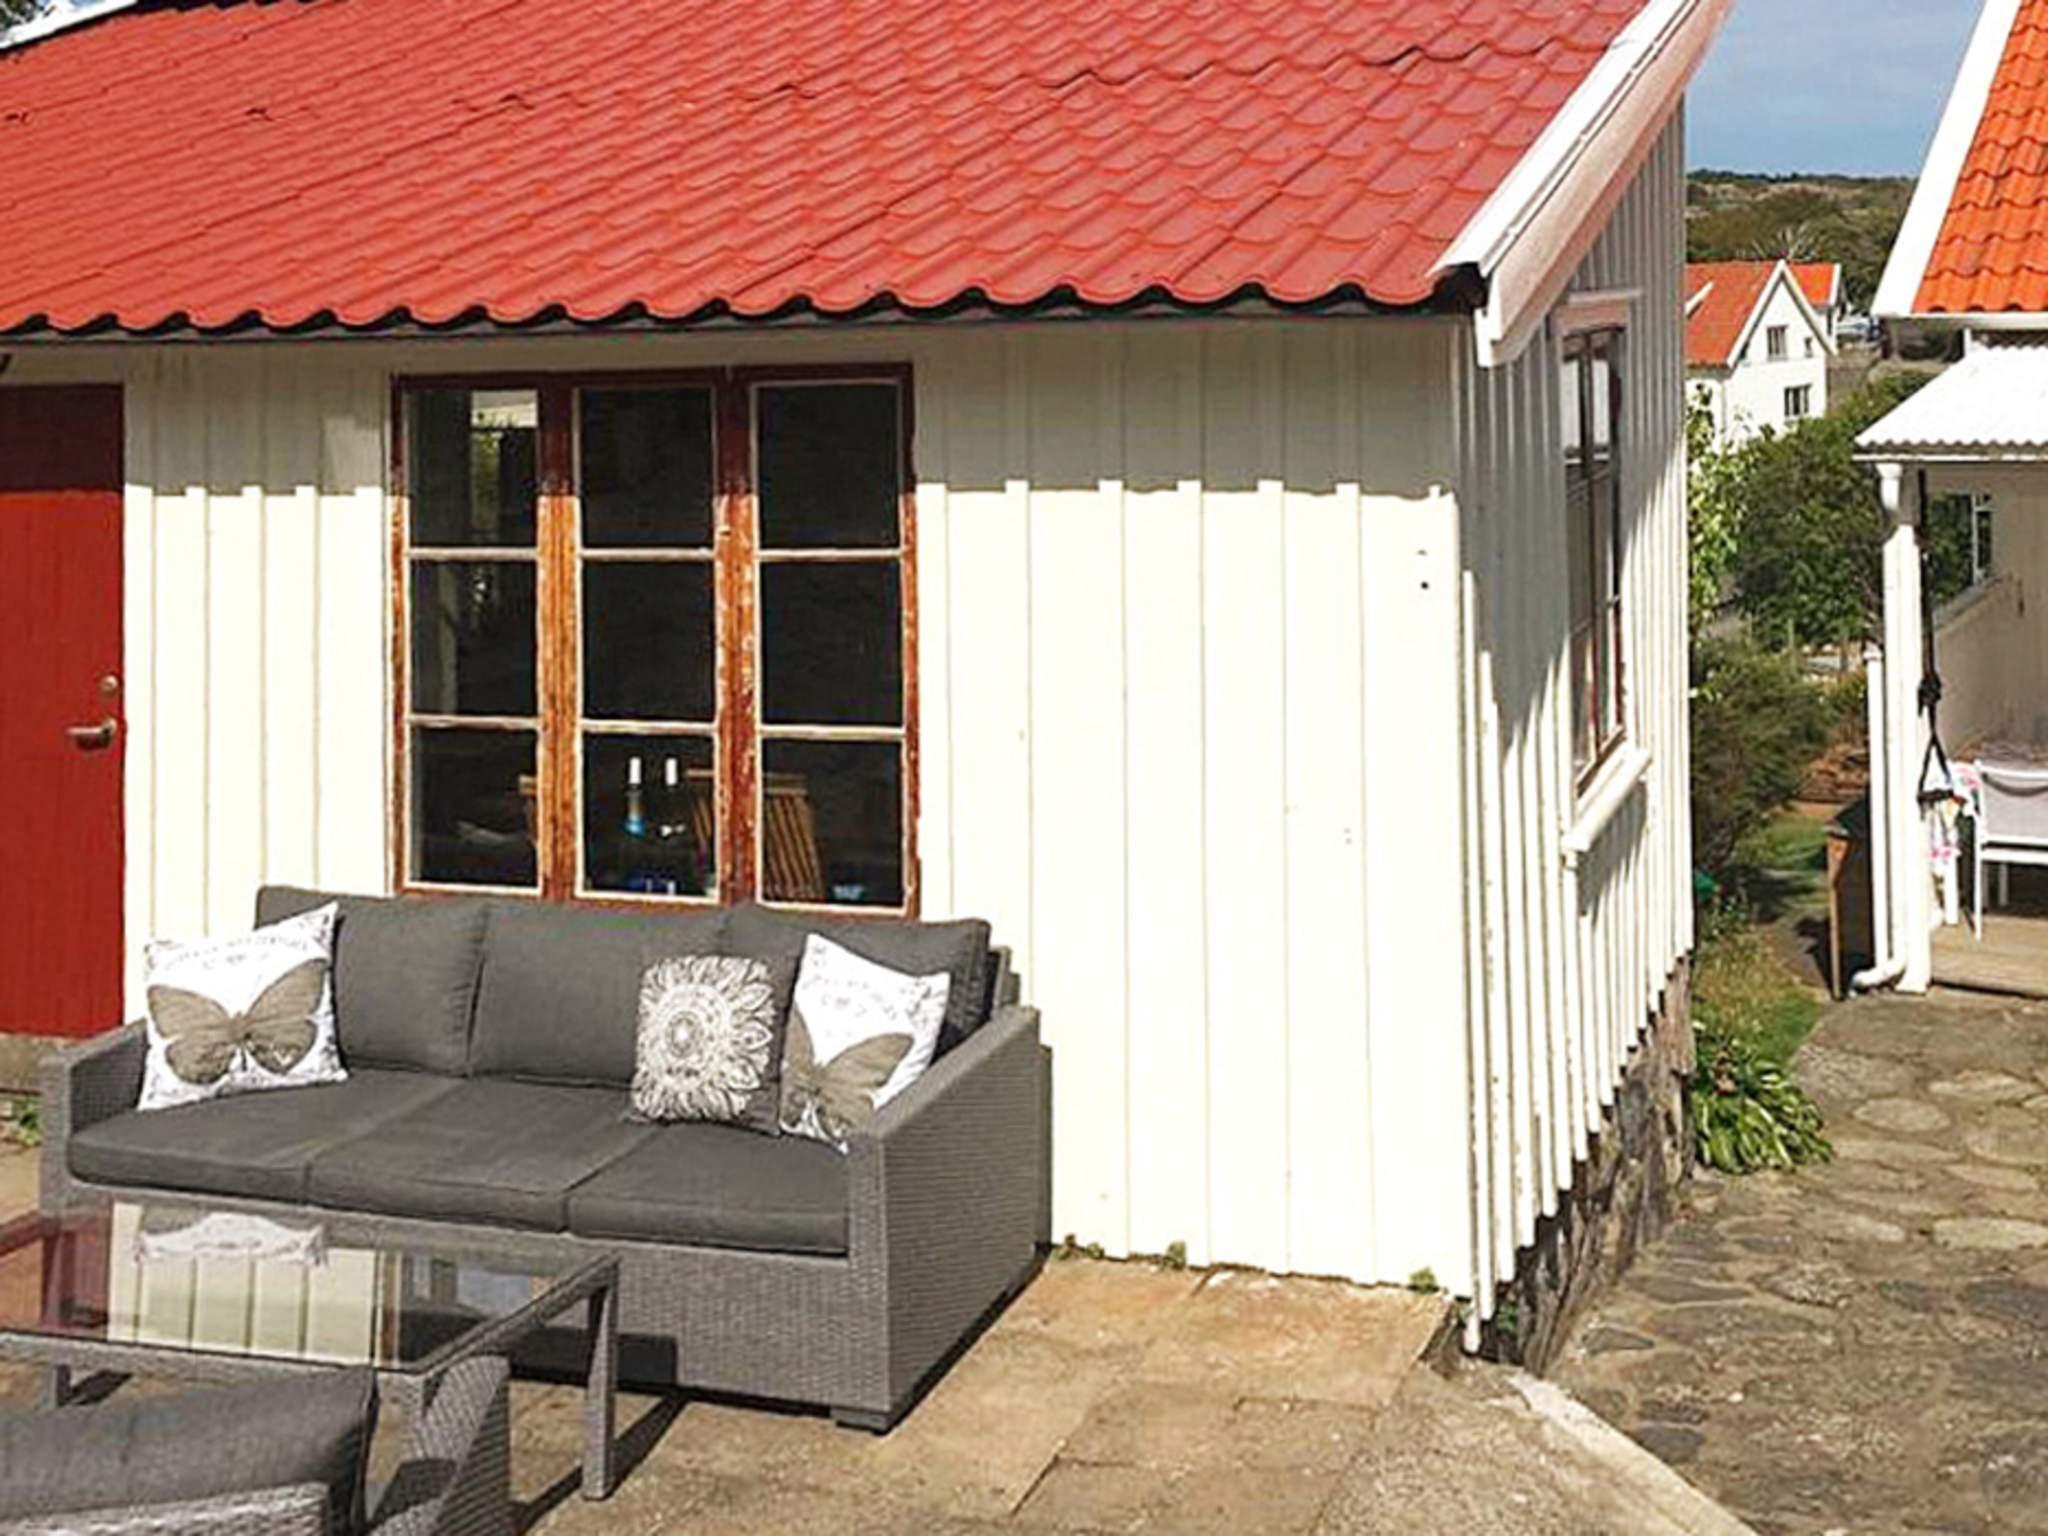 Ferienhaus Tjörn/Skärhamn (2523775), Skärhamn, Tjörn, Westschweden, Schweden, Bild 23